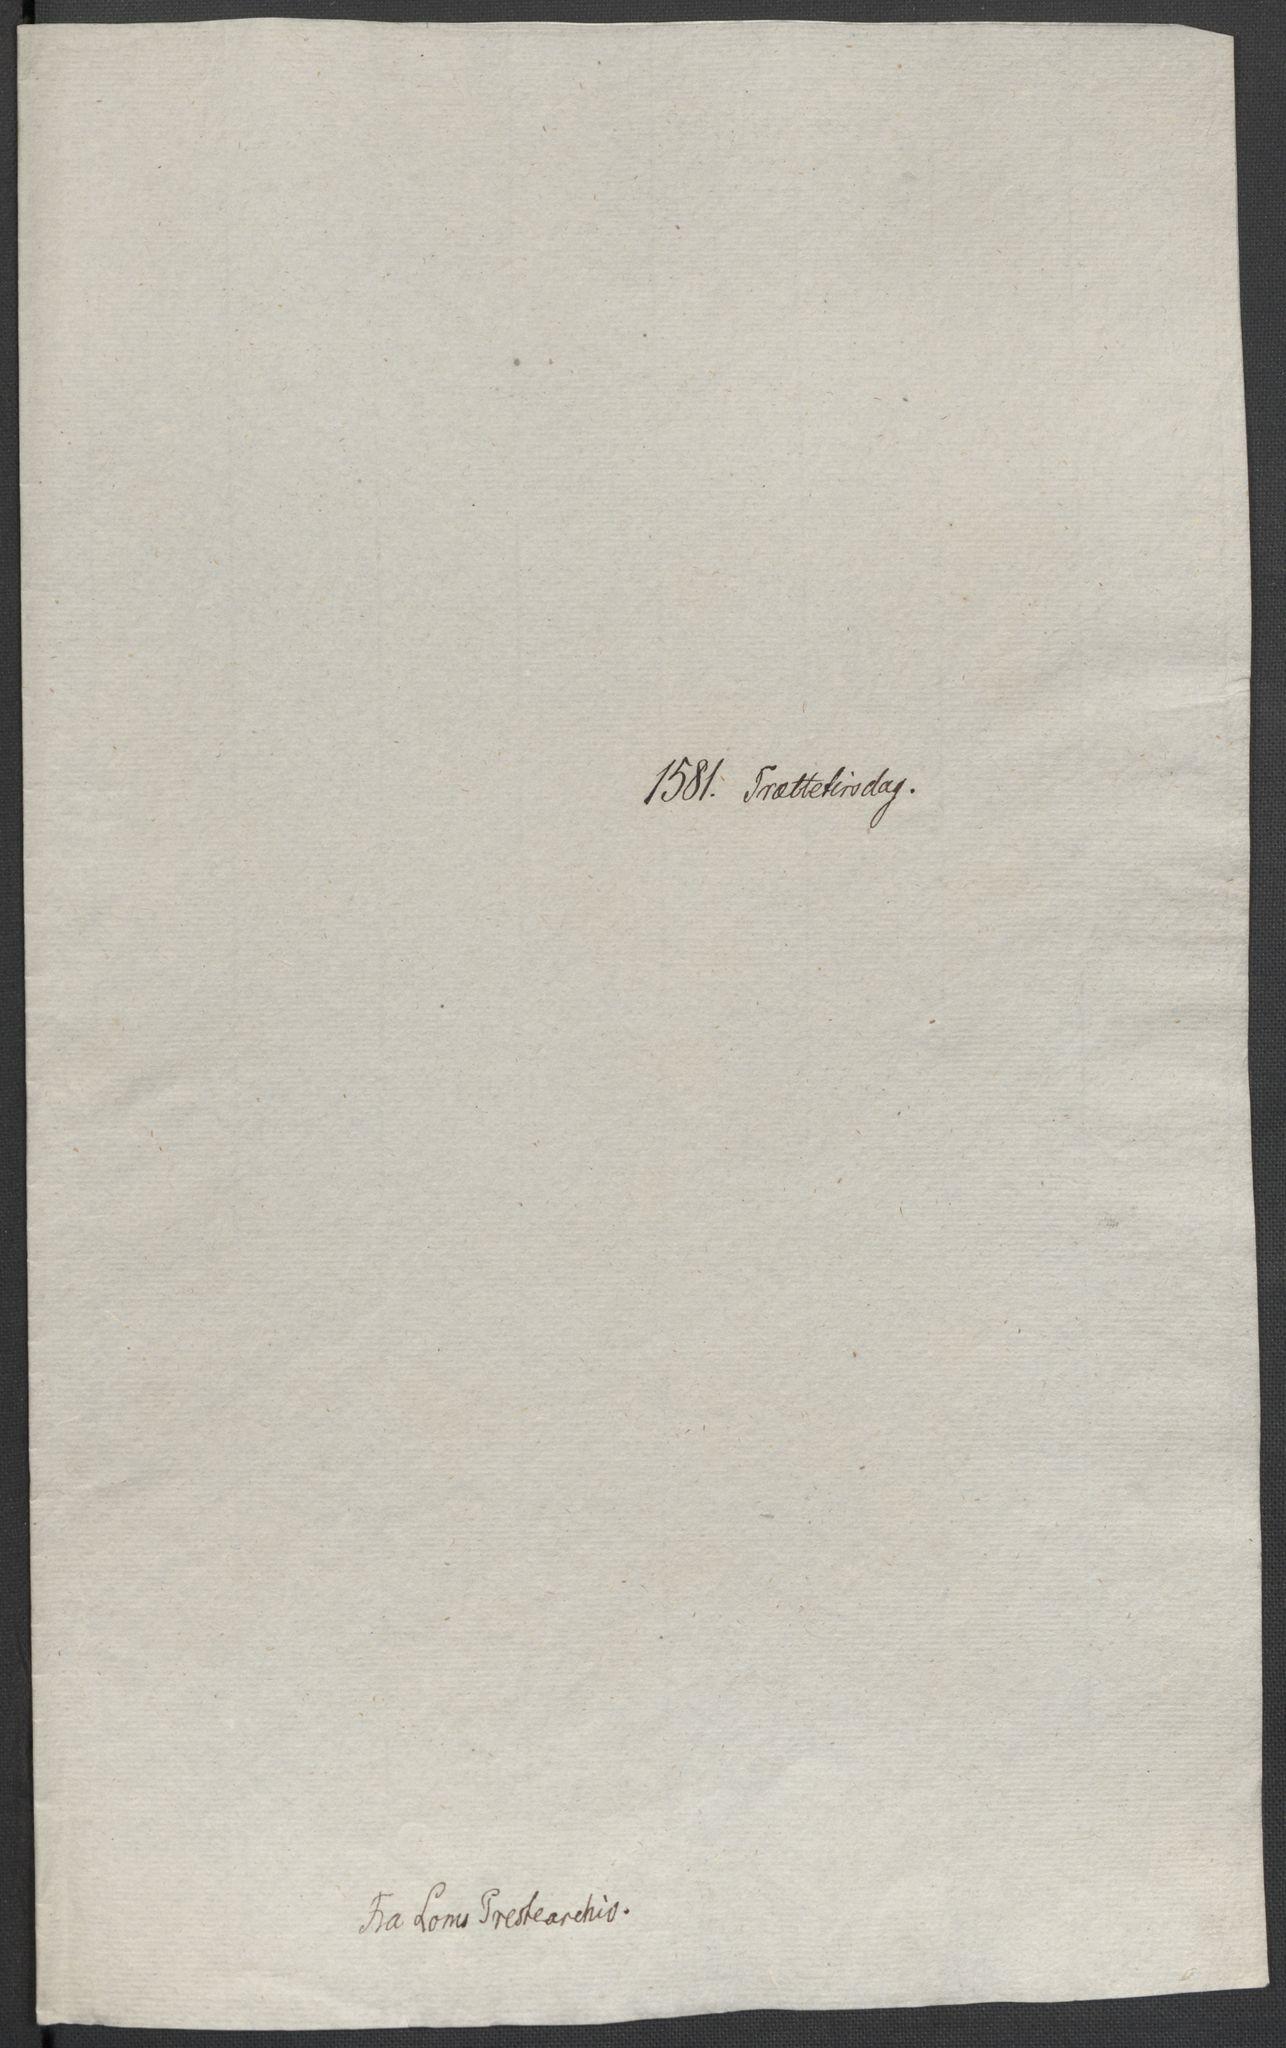 RA, Riksarkivets diplomsamling, F02/L0083: Dokumenter, 1581, s. 10